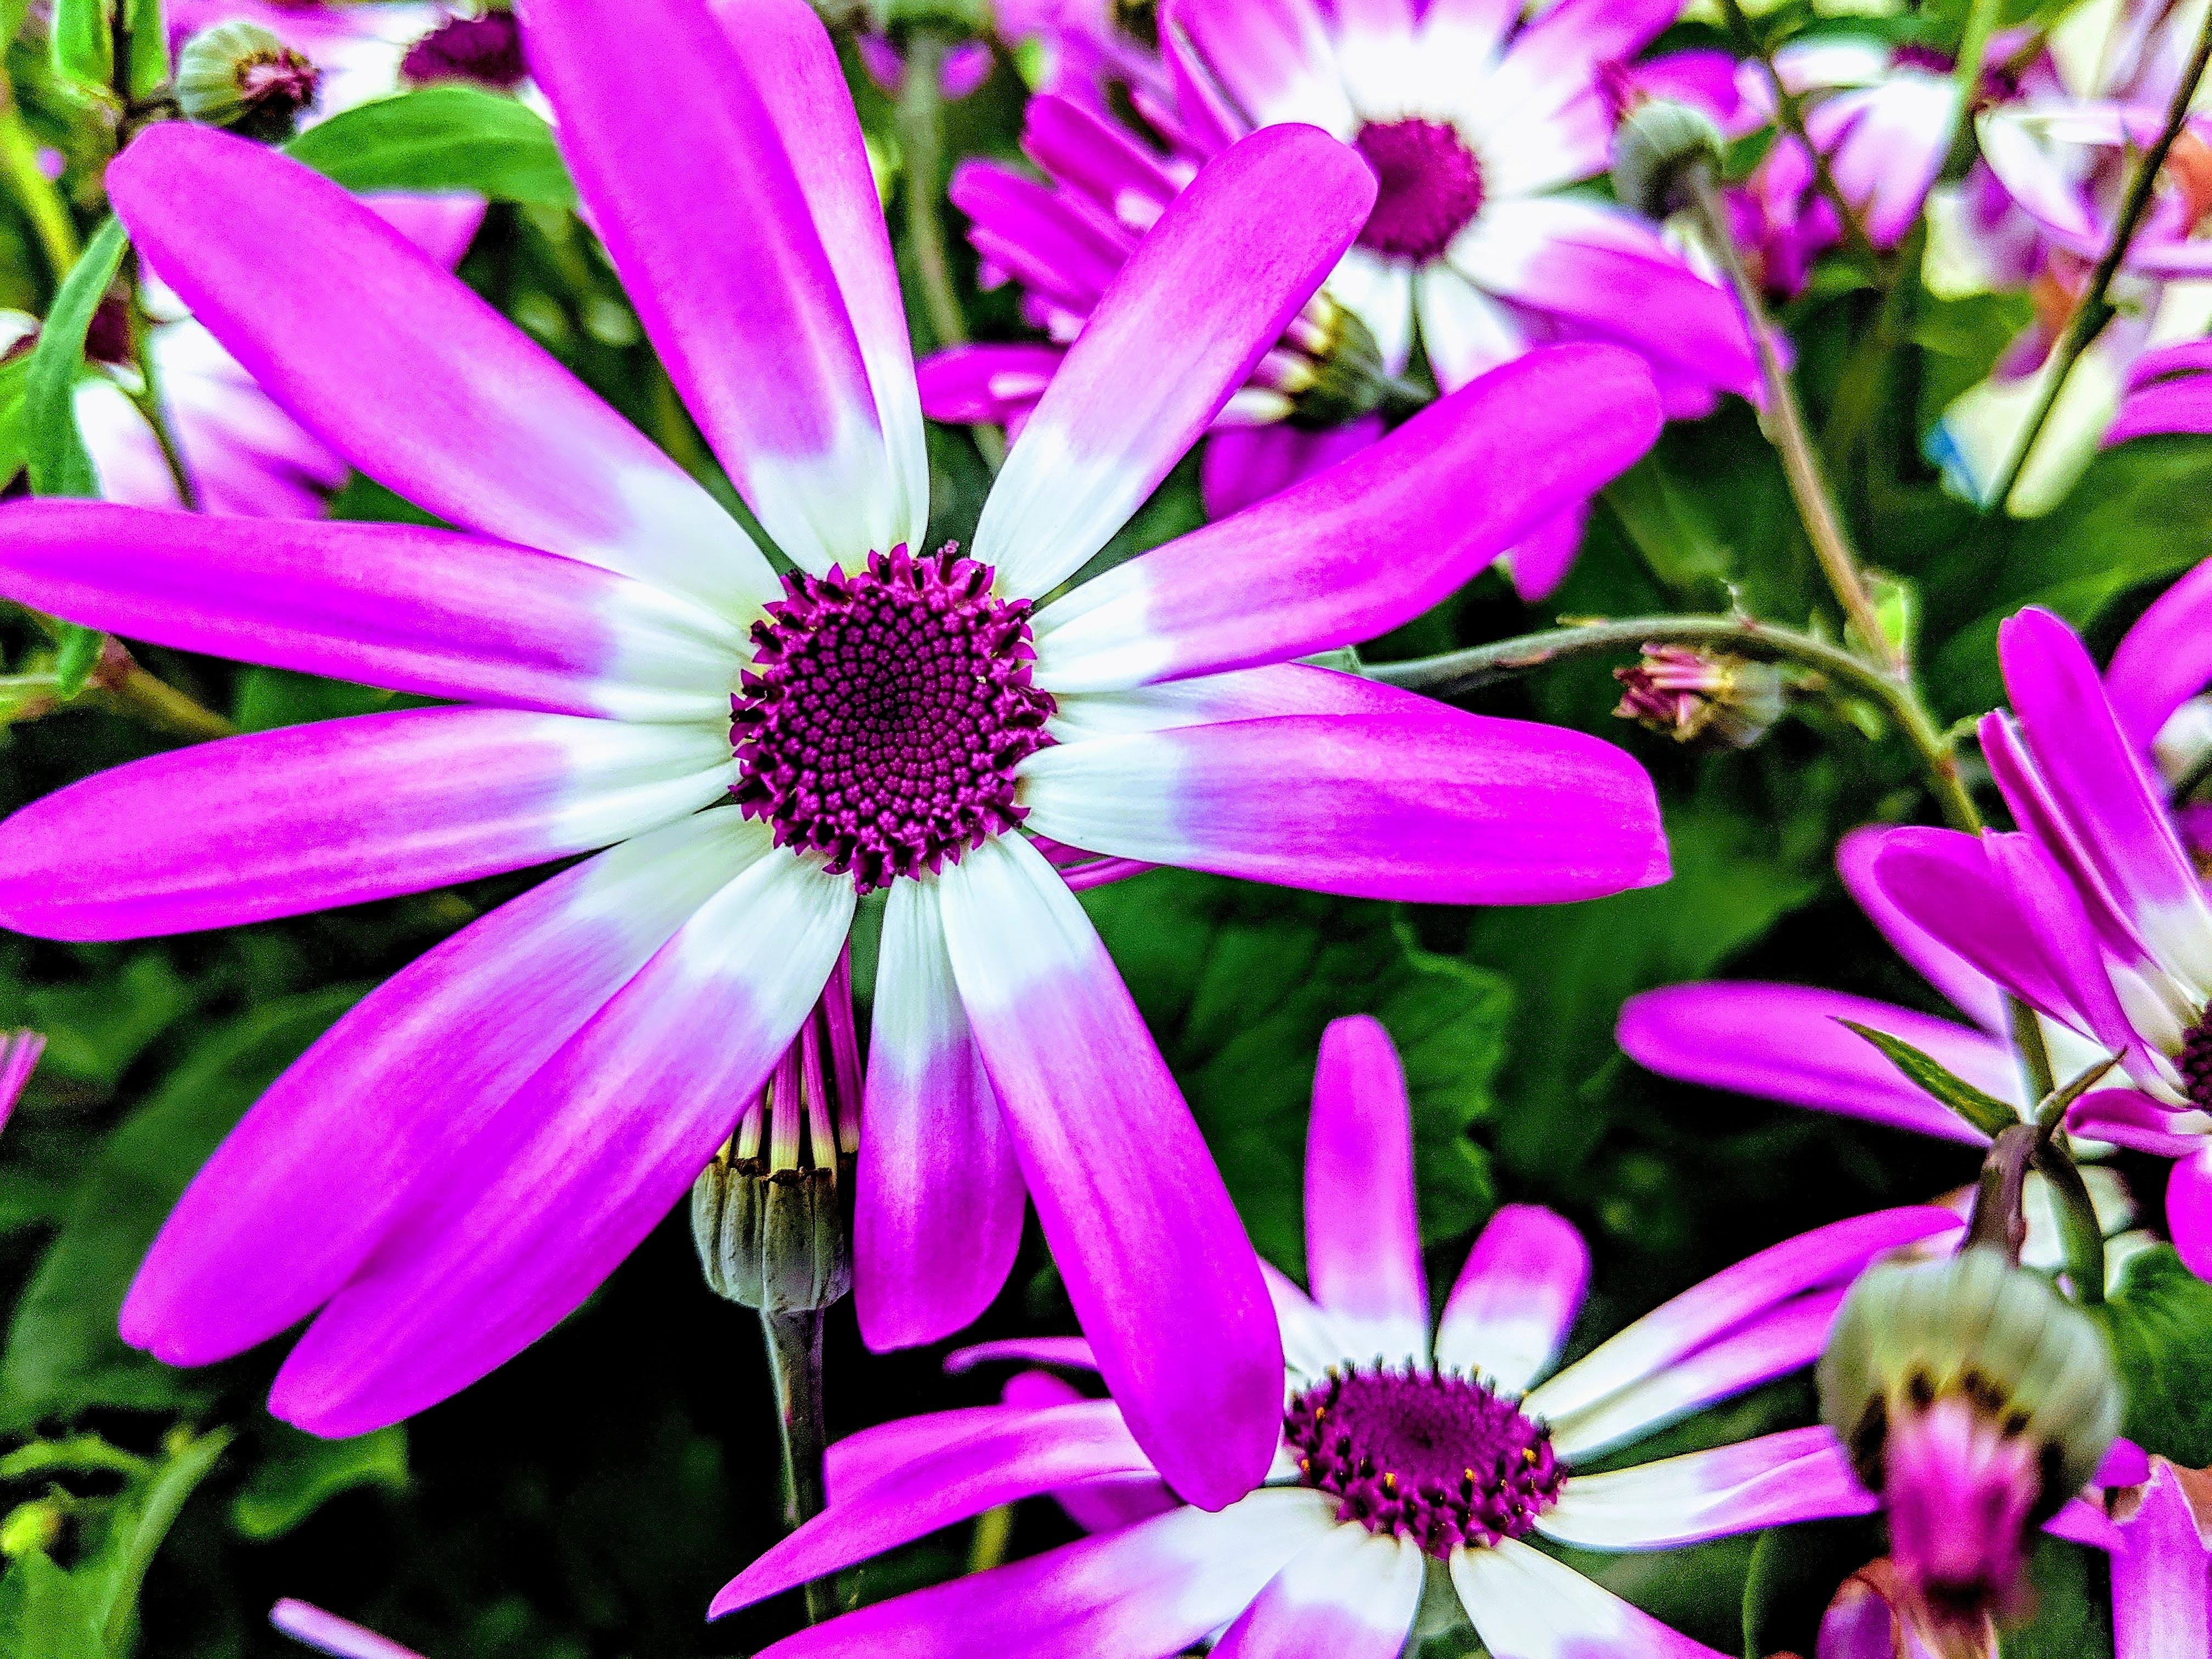 Ingyenes stockfotó lila fehér virágok, lila őszirózsák, lila virágok, őszirózsák témában